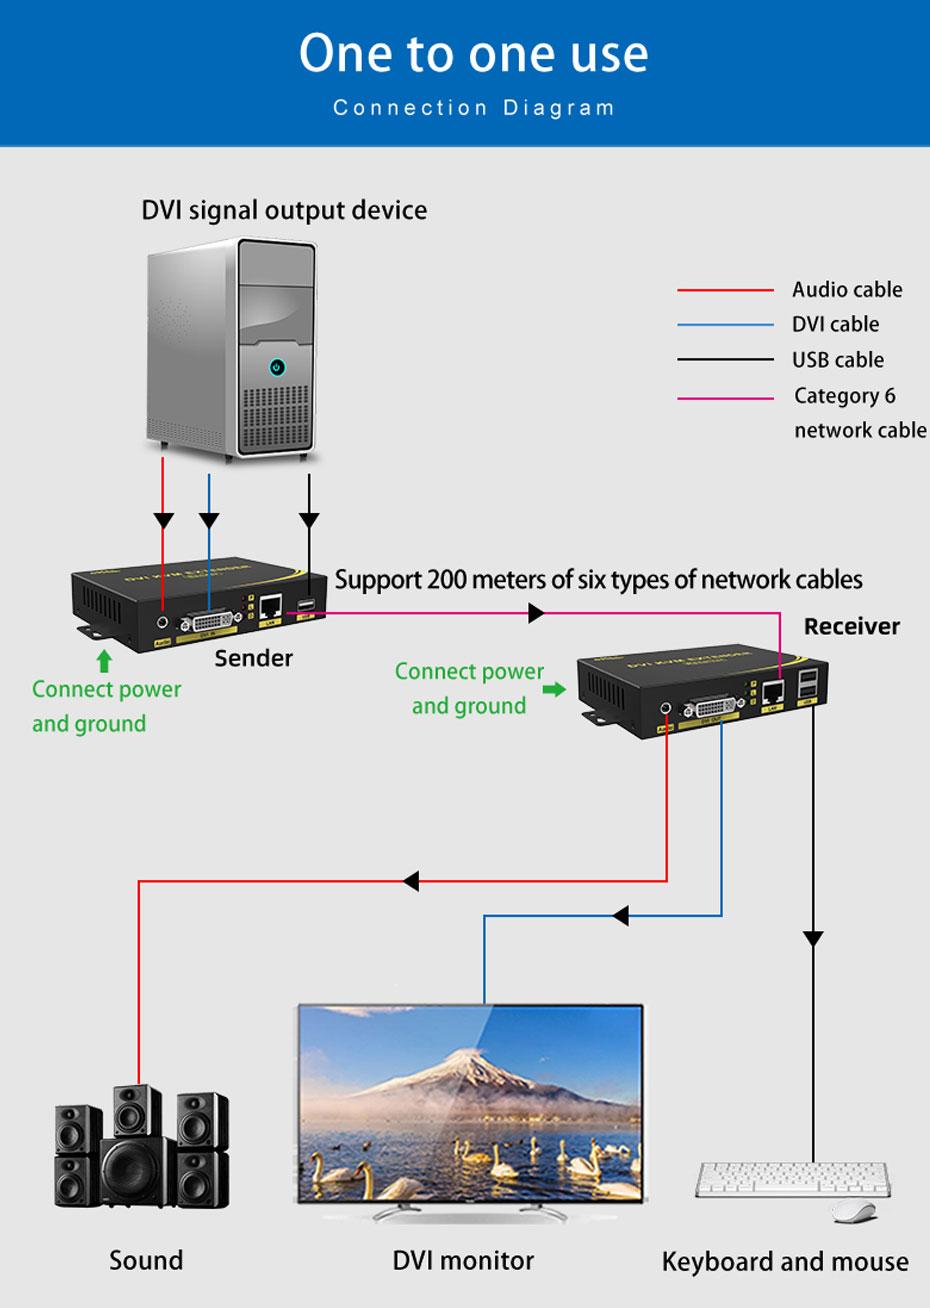 DVI KVM single network cable extender DU200 1 to 1 connection diagram